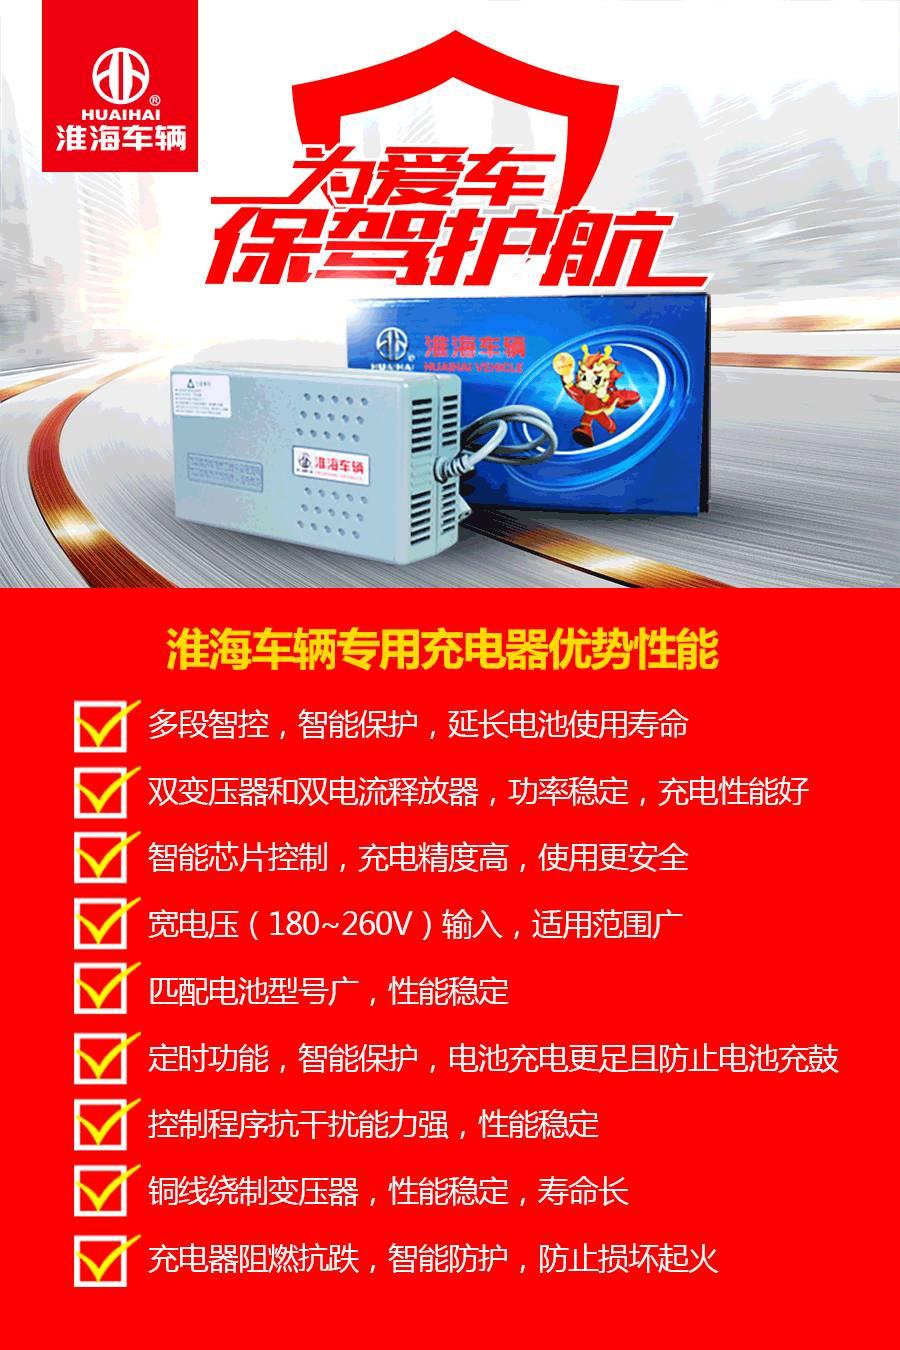 淮海机电科技股份有限公司,专注于研发高性能电动三轮车电机,控制器